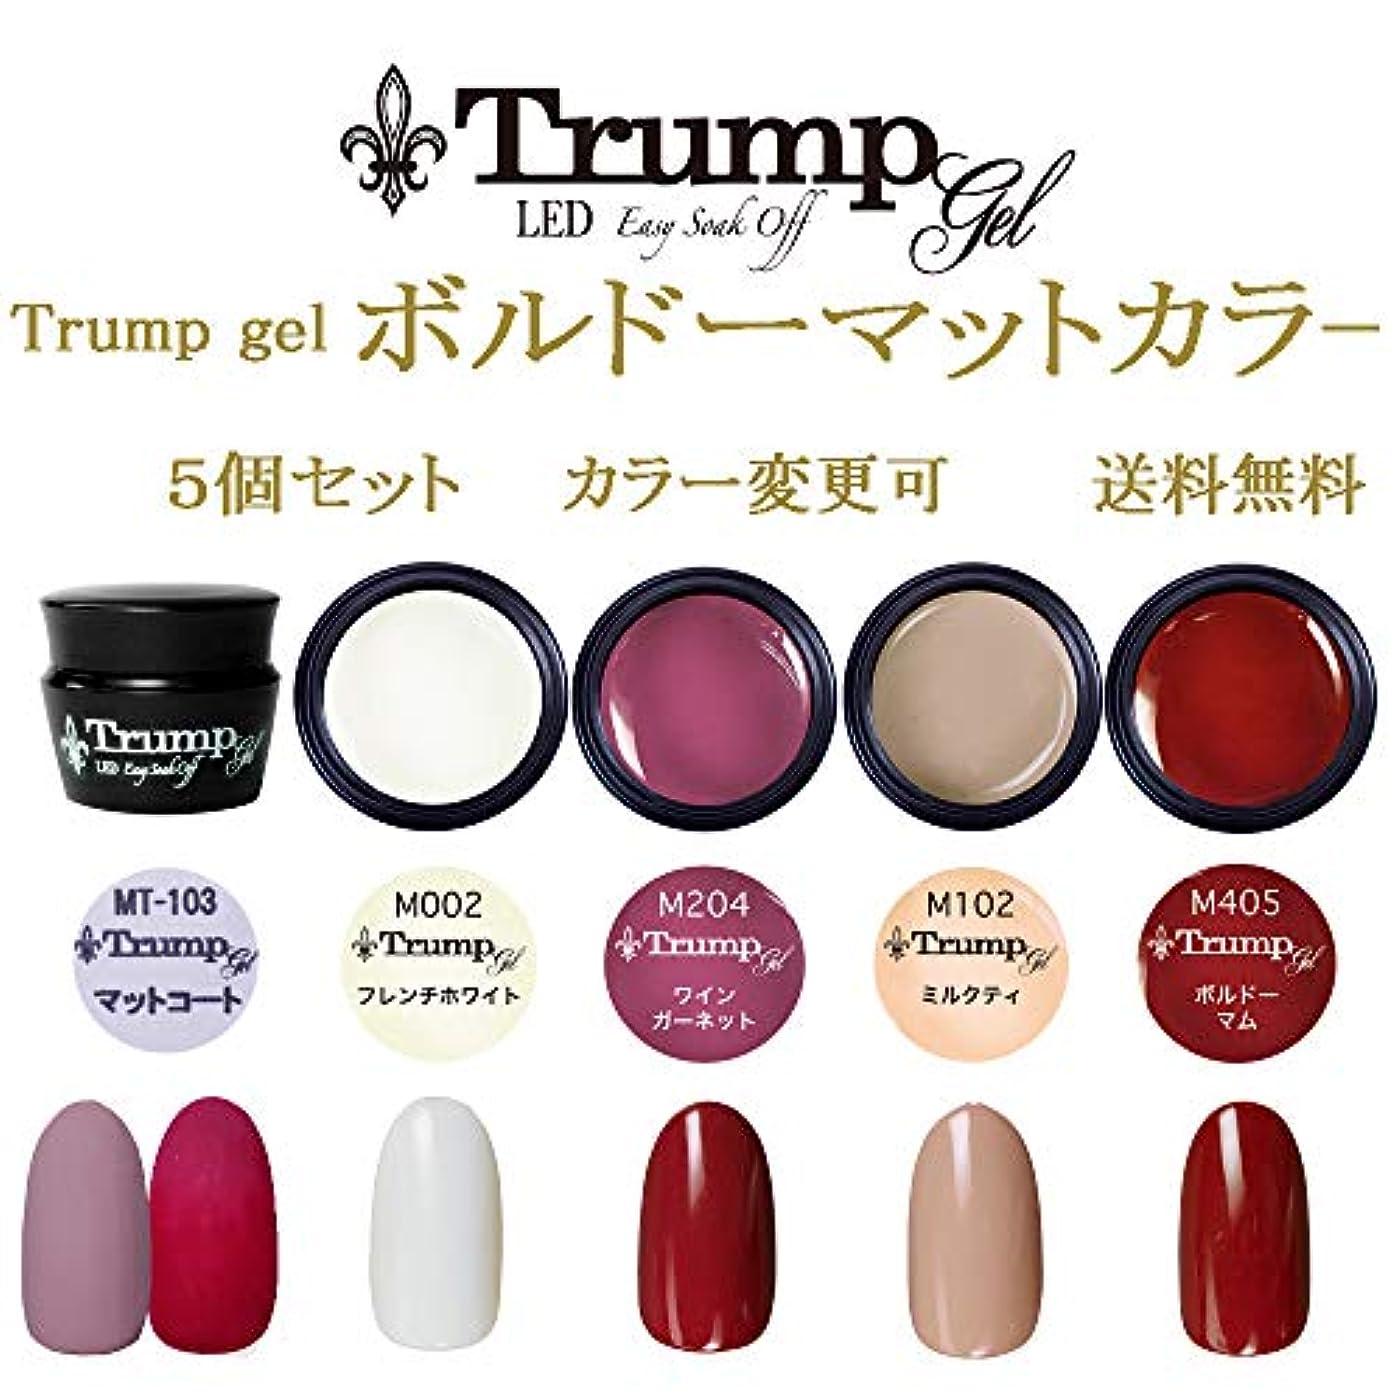 ストライドカウンタ篭日本製 Trump gel トランプジェル ボルドー マット カラー 選べる カラージェル 5個セット マットコート ホワイト ワイン レッド ベージュ